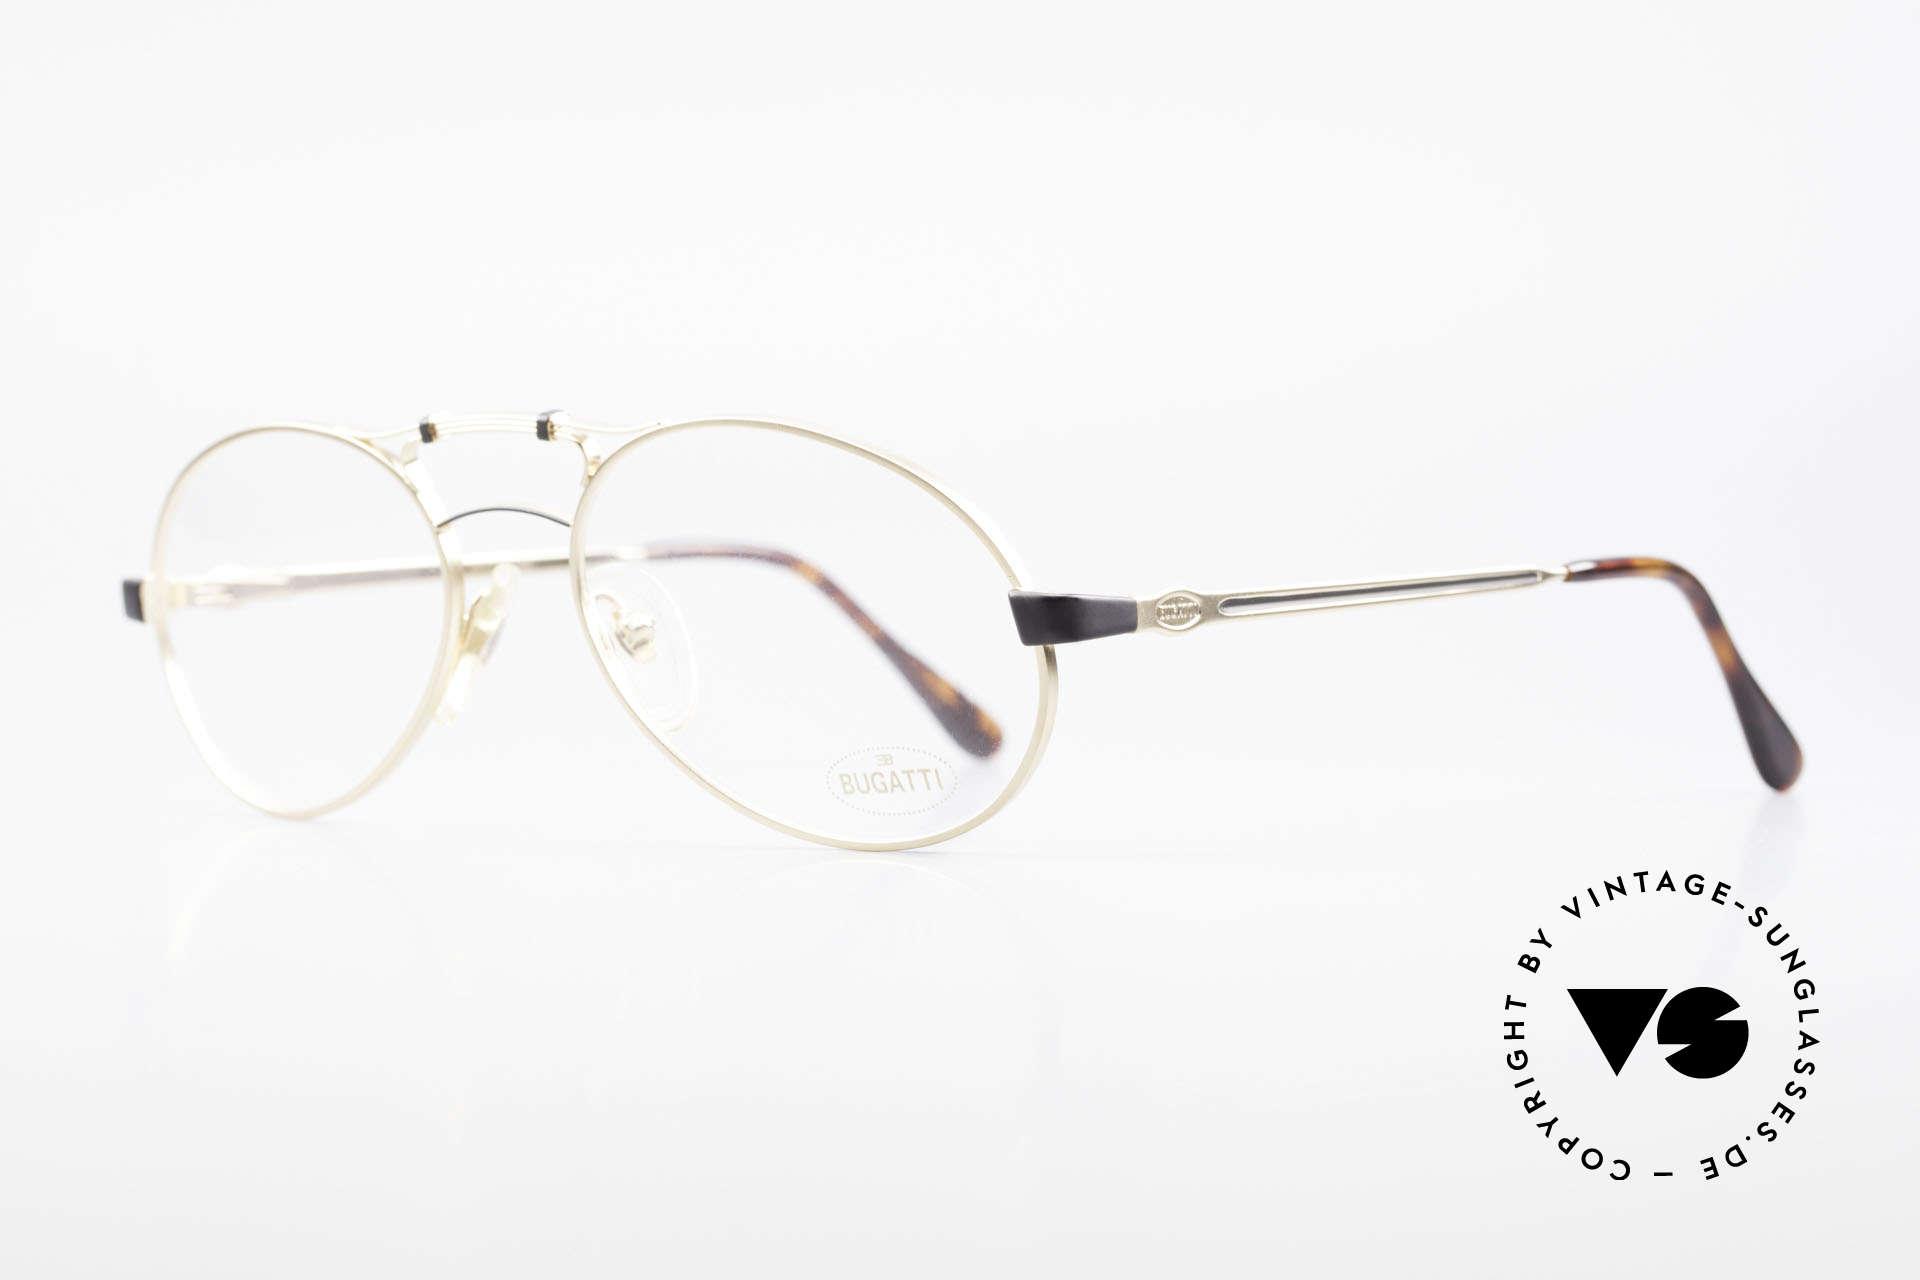 Bugatti 13411 Vintage Herrenbrille Luxus, typisches Bugatti Herrendesign (spezielle Tropfenform), Passend für Herren